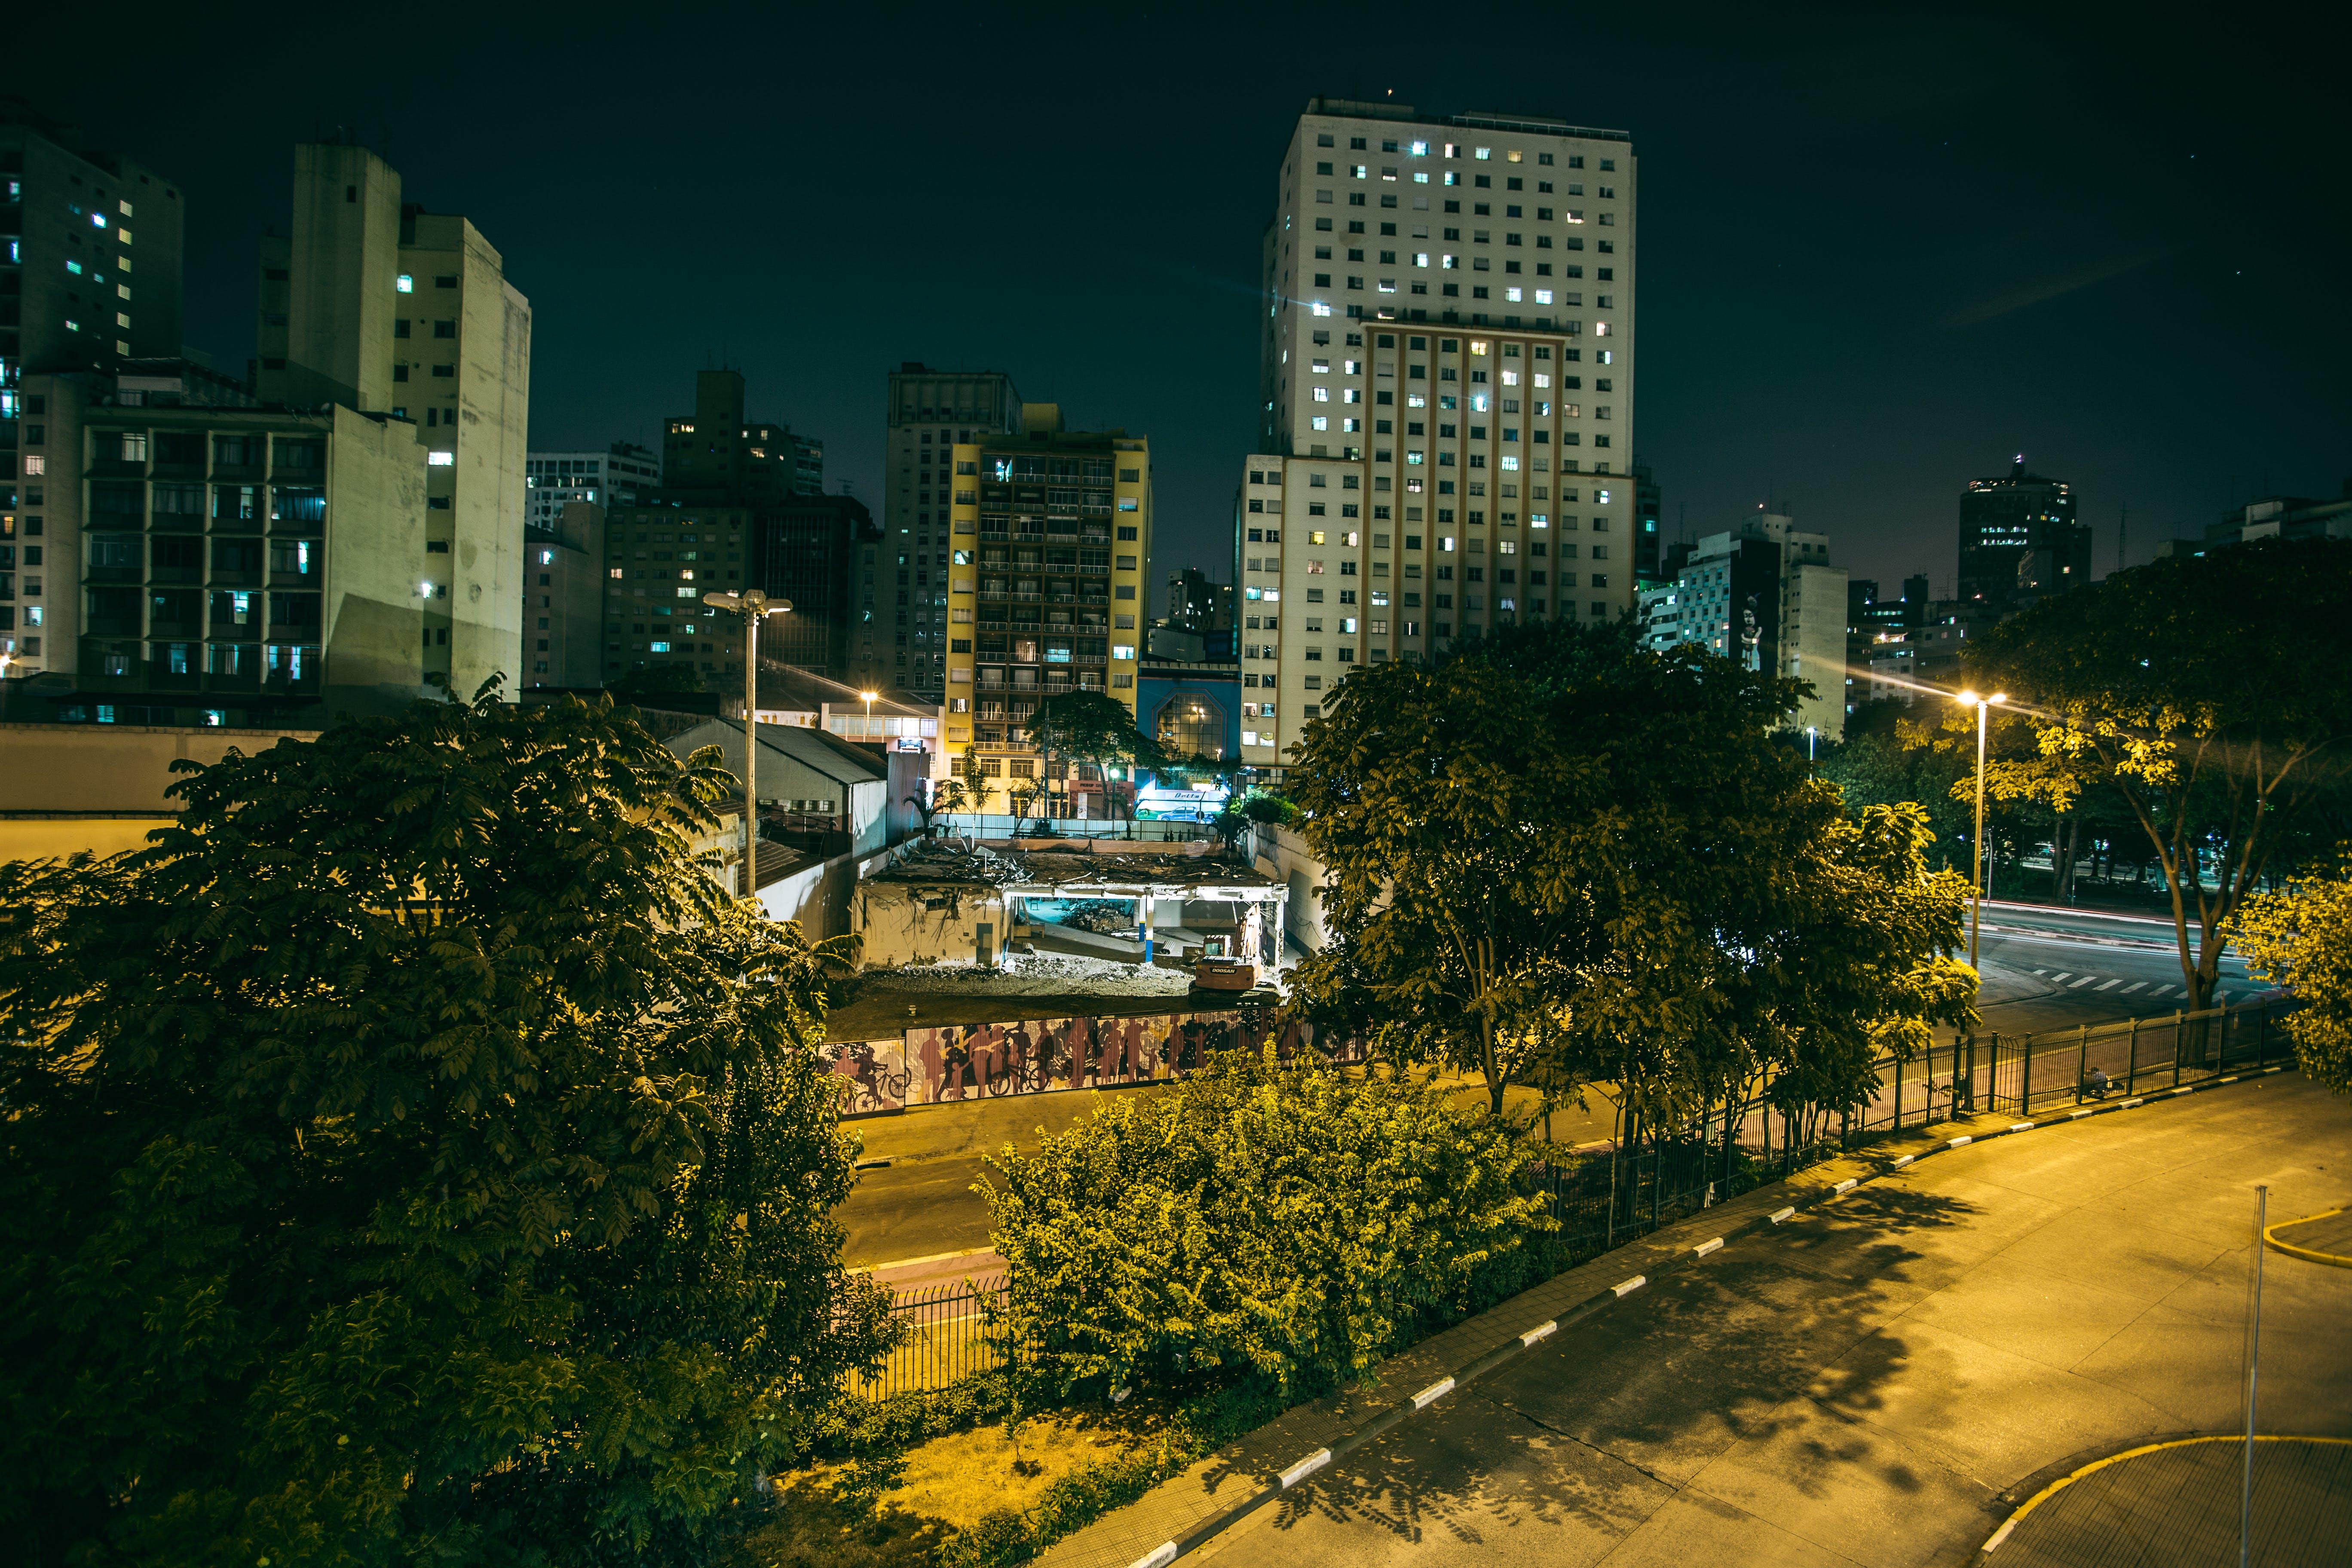 Foto d'estoc gratuïta de arbres, arquitectura, carrer, carreteres